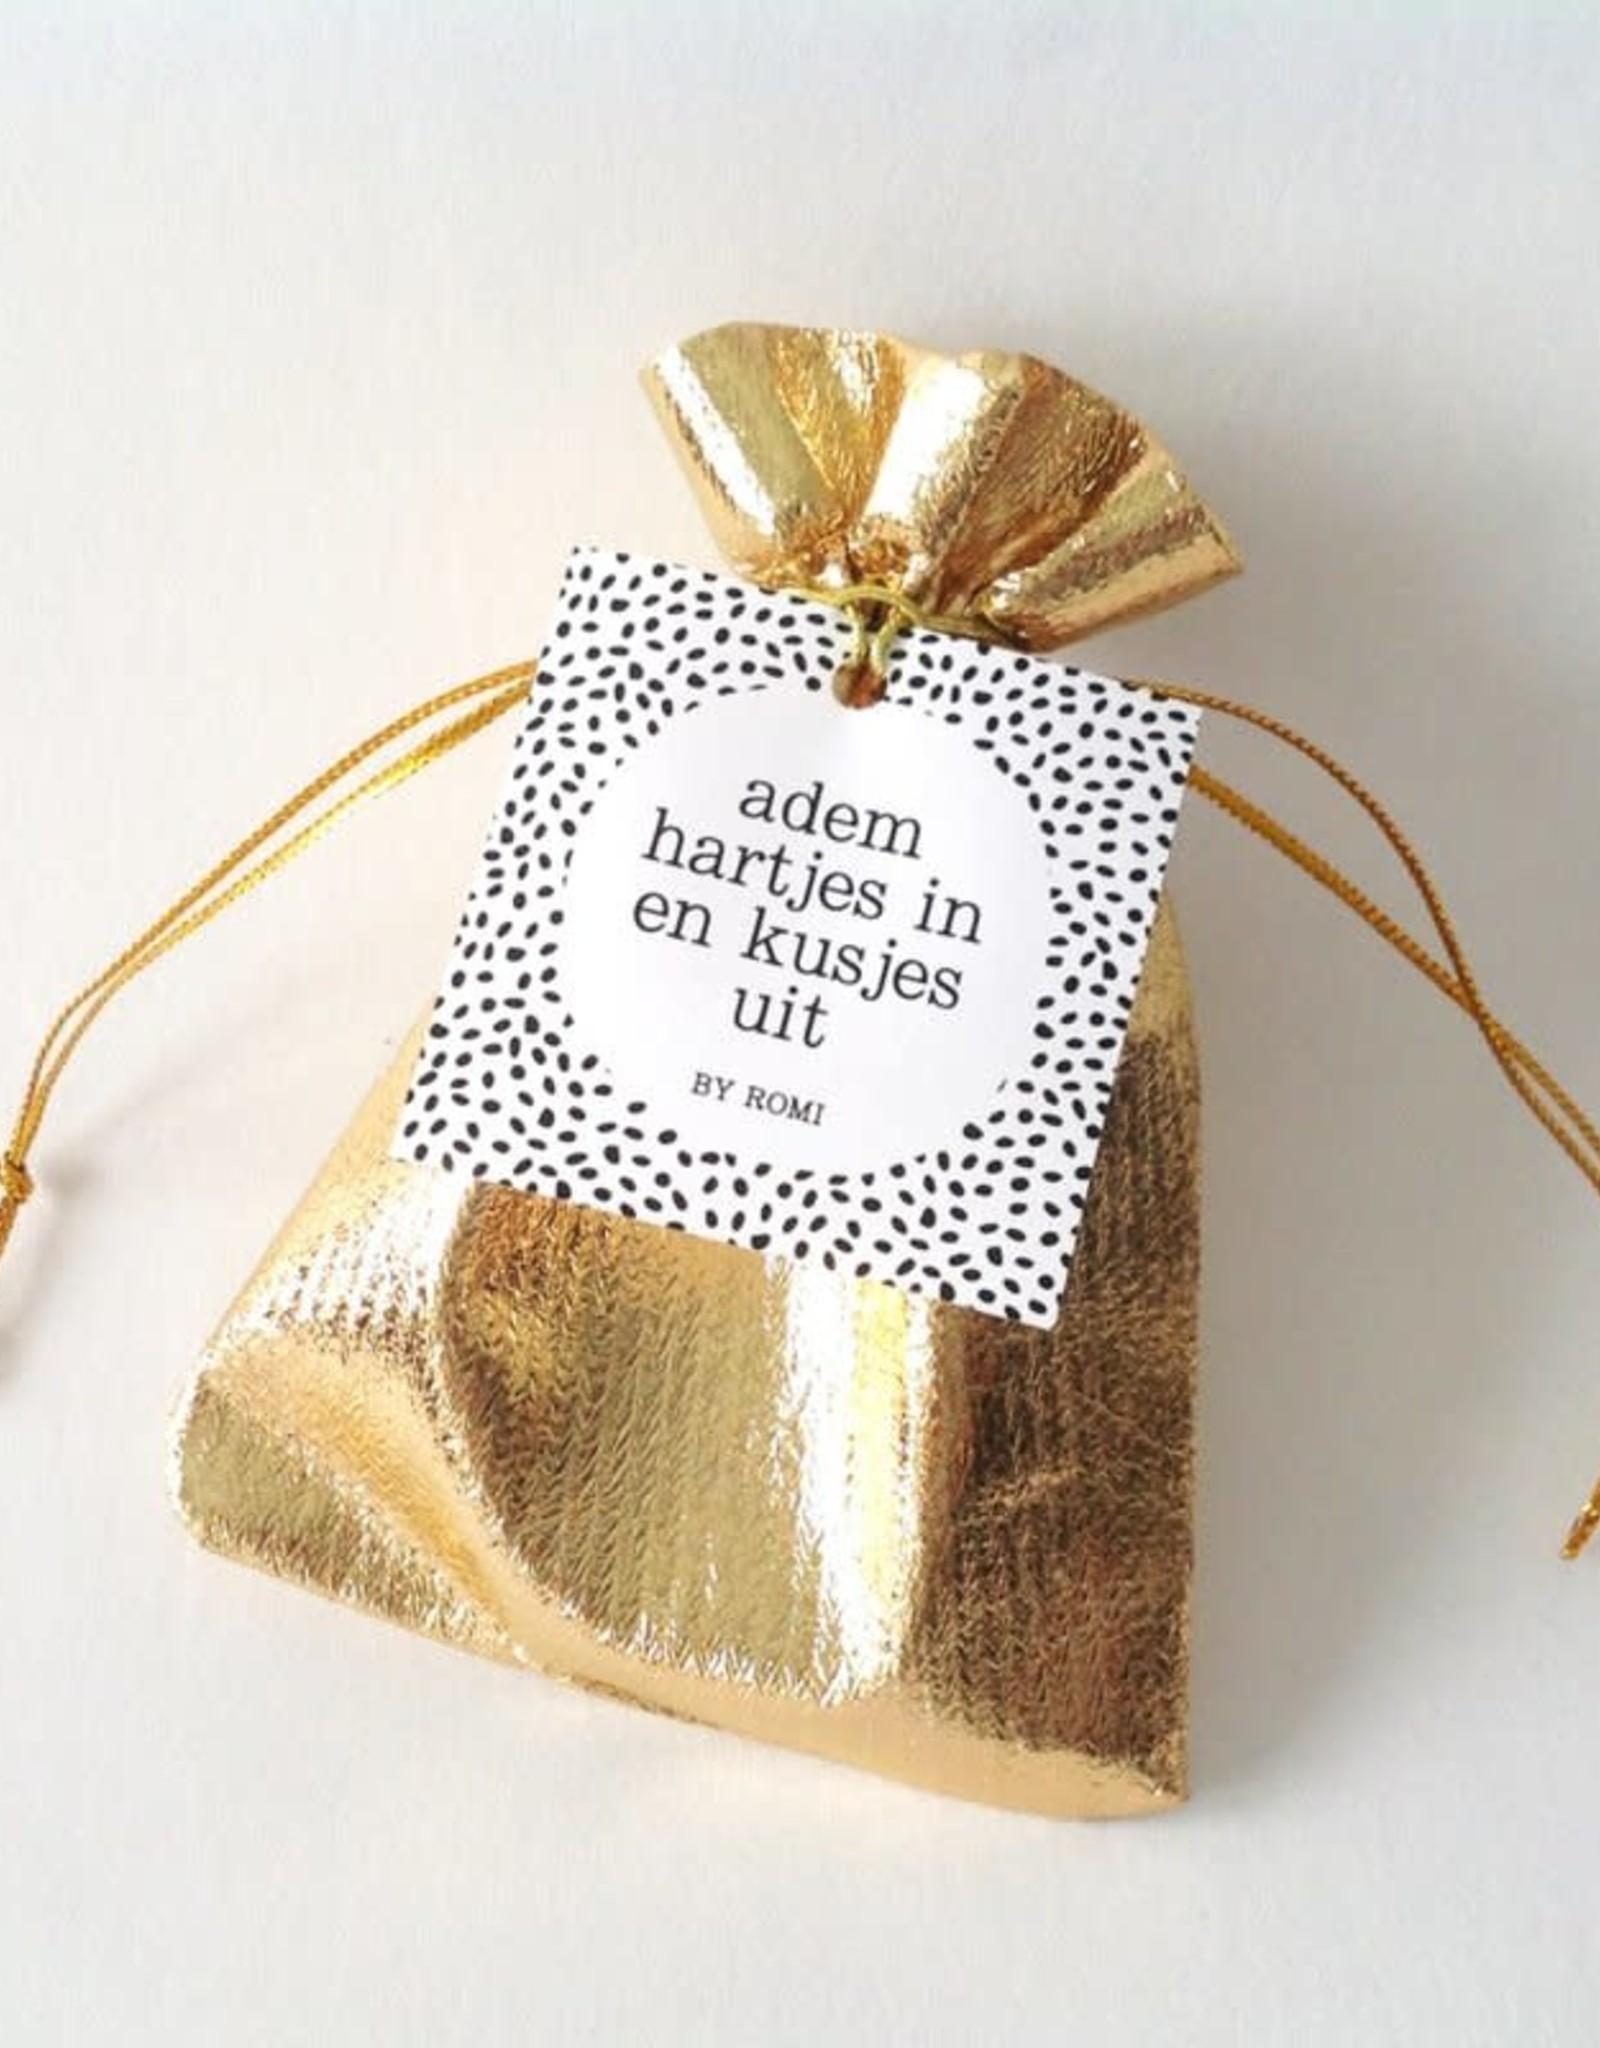 By romi by romi: cadeauzakje met hart (knuffelsteen) goud